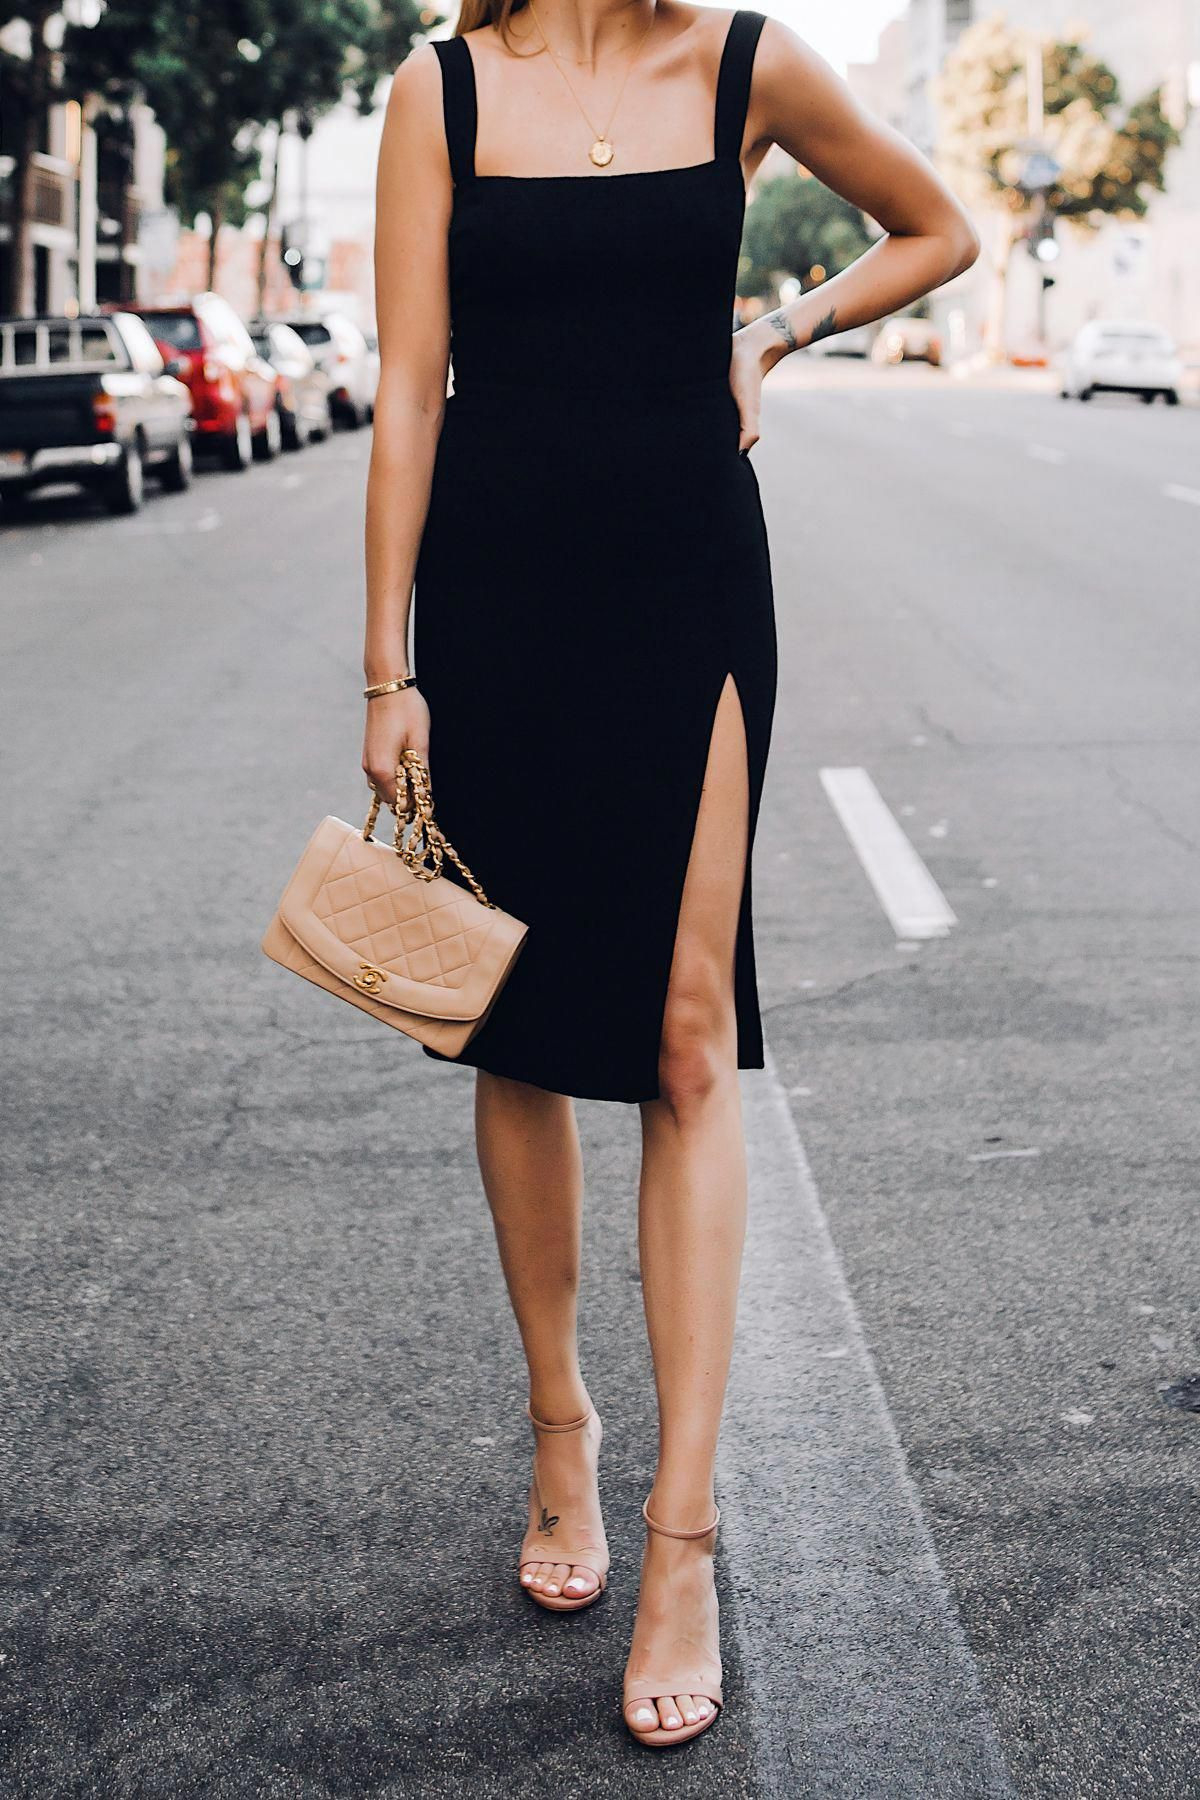 Designer Einfach Chanel Abendkleid Boutique20 Spektakulär Chanel Abendkleid Vertrieb